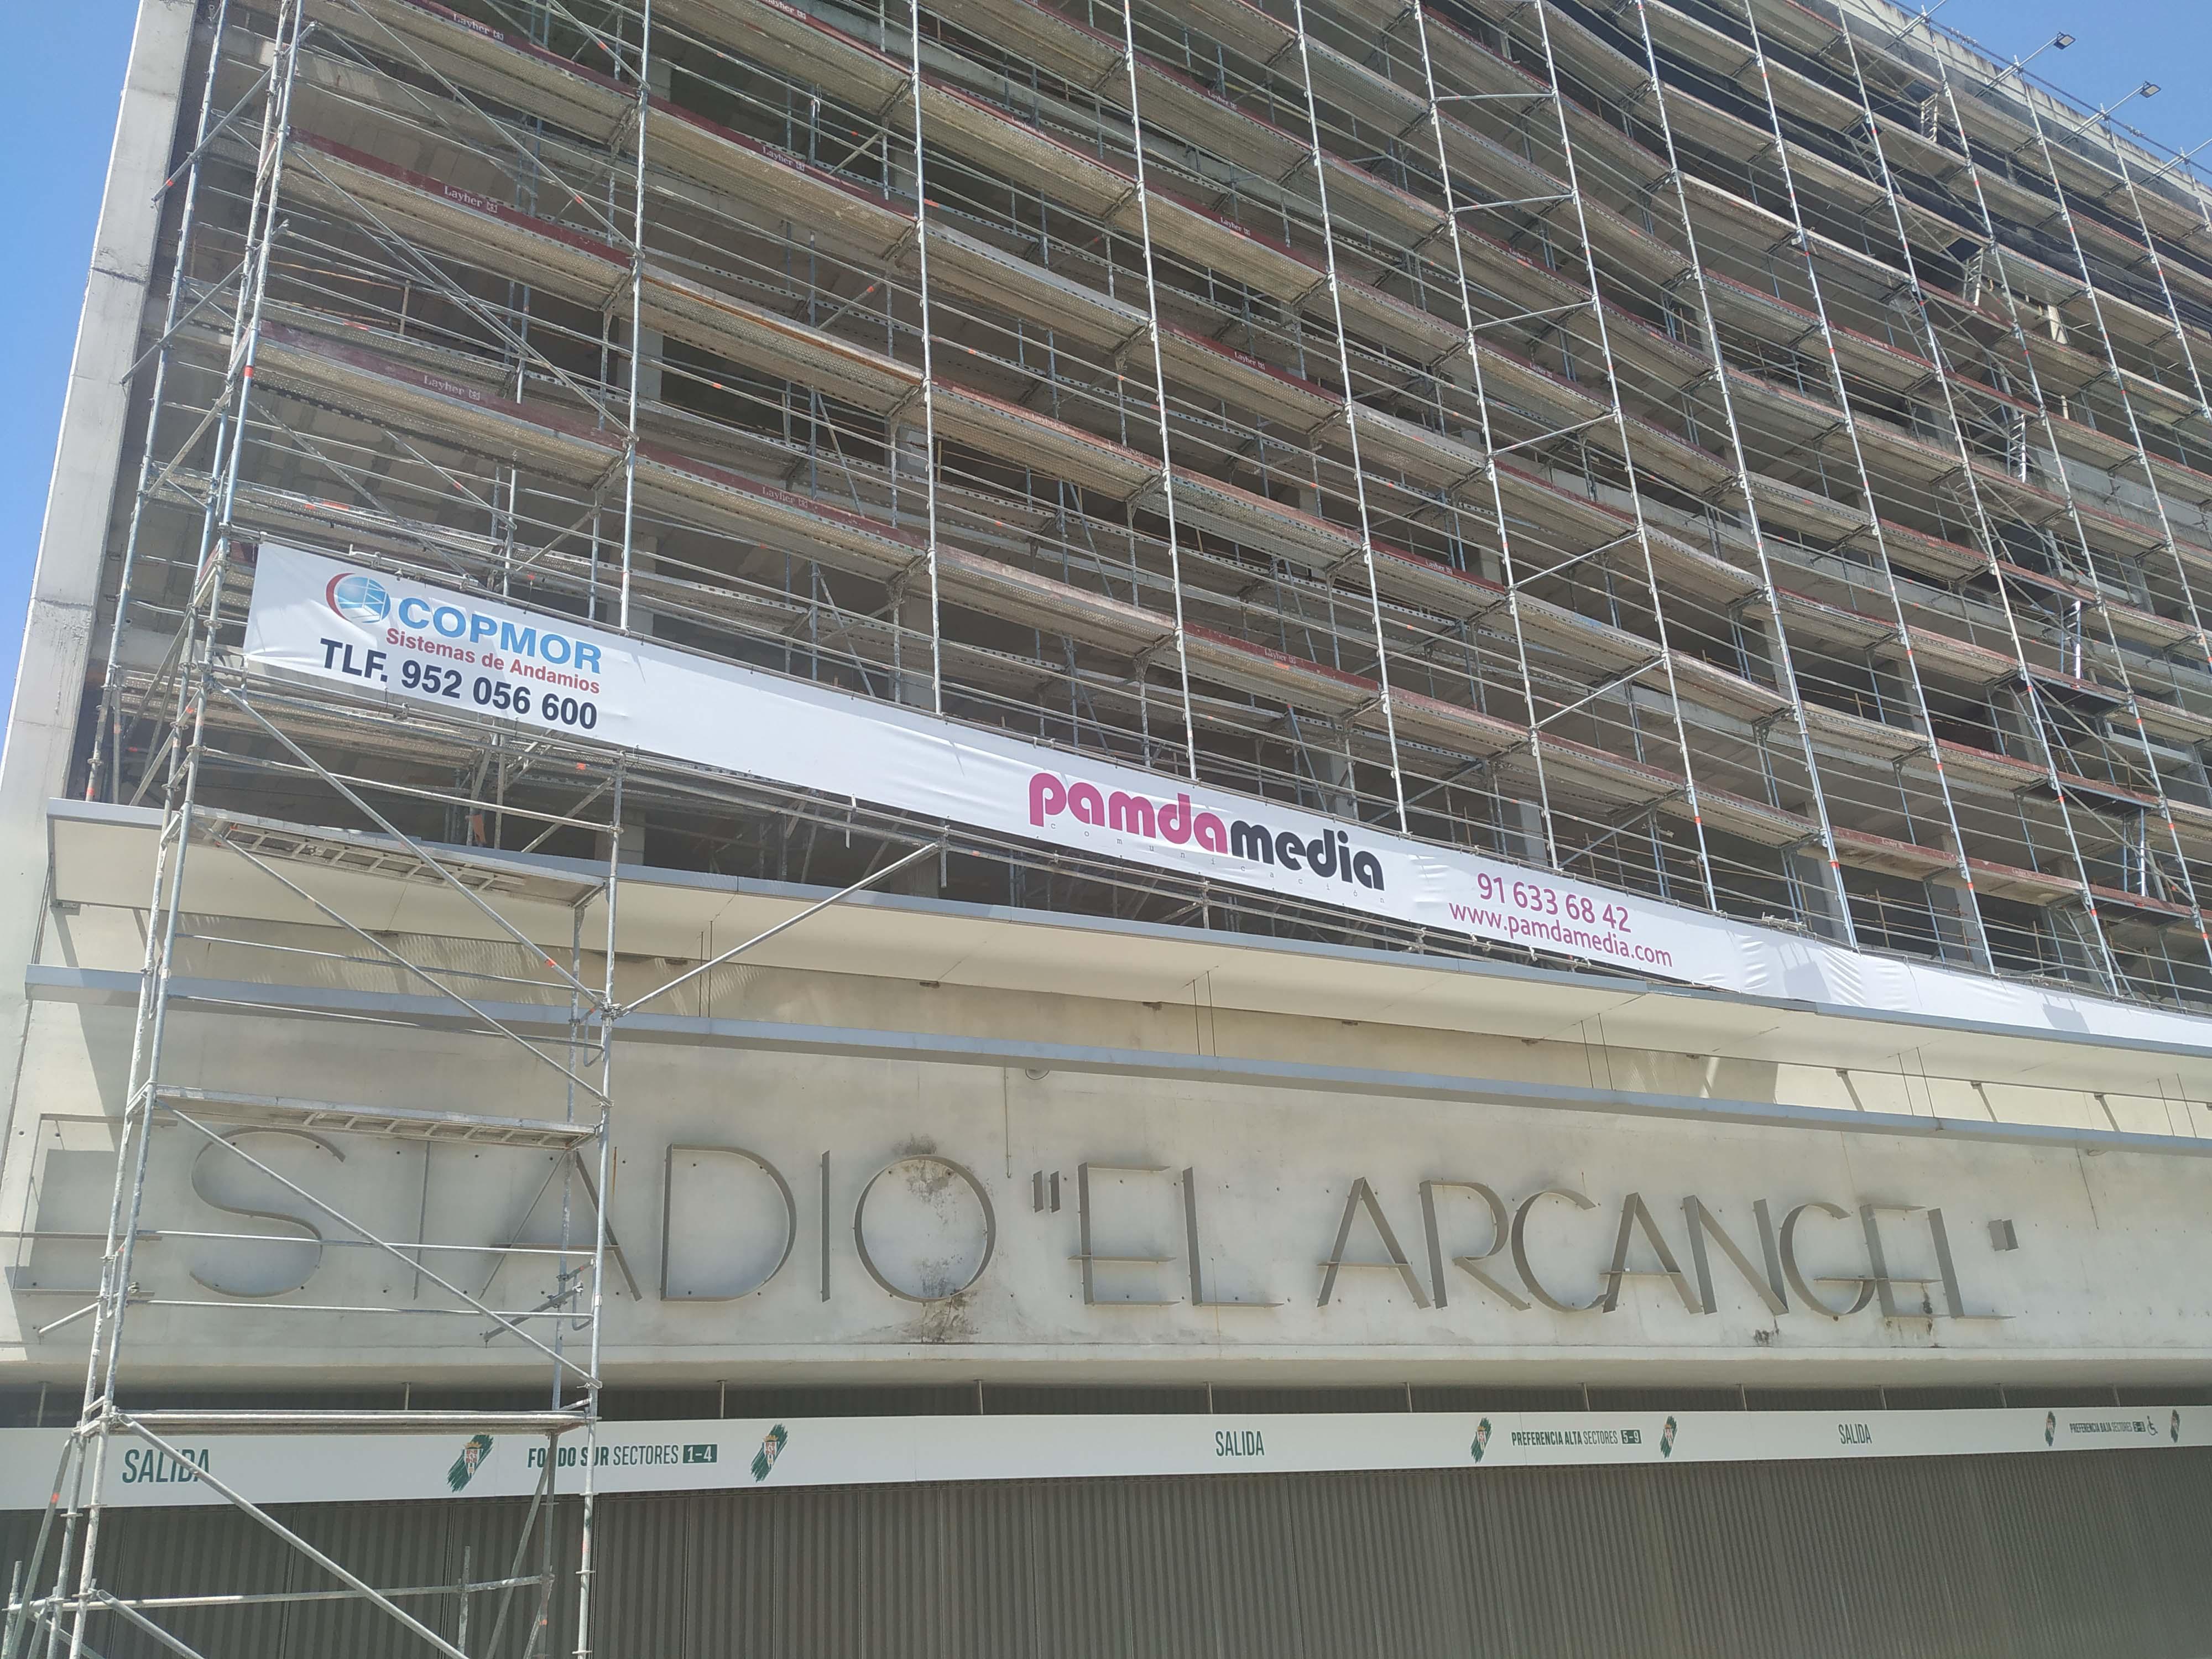 La fachada actual de la preferencia de El Arcángel con el andamiaje que dejó la polémica lona publicitaria.